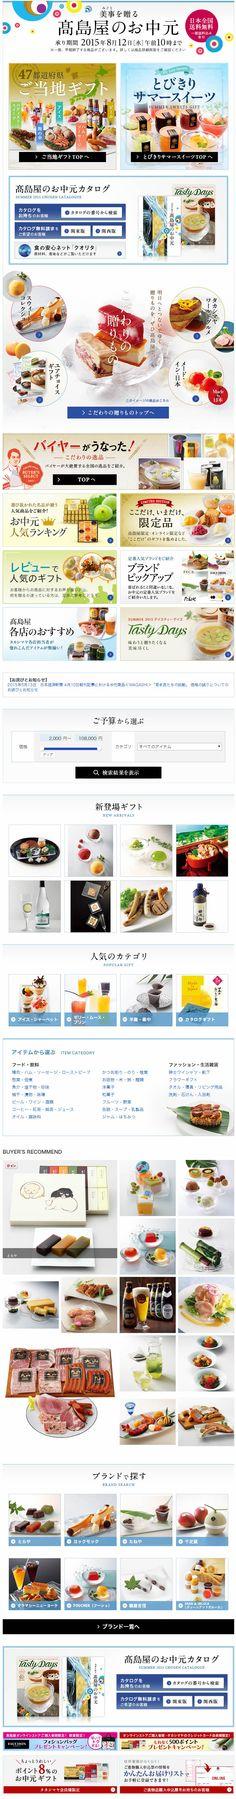 高島屋のお中元。 縦書きや多い情報量を上手くまとめたレイアウトの参考に。 Web Design, Japan Design, Site Design, Design Art, Graphic Design, Web Japan, Ui Web, Web Banner, Banner Design